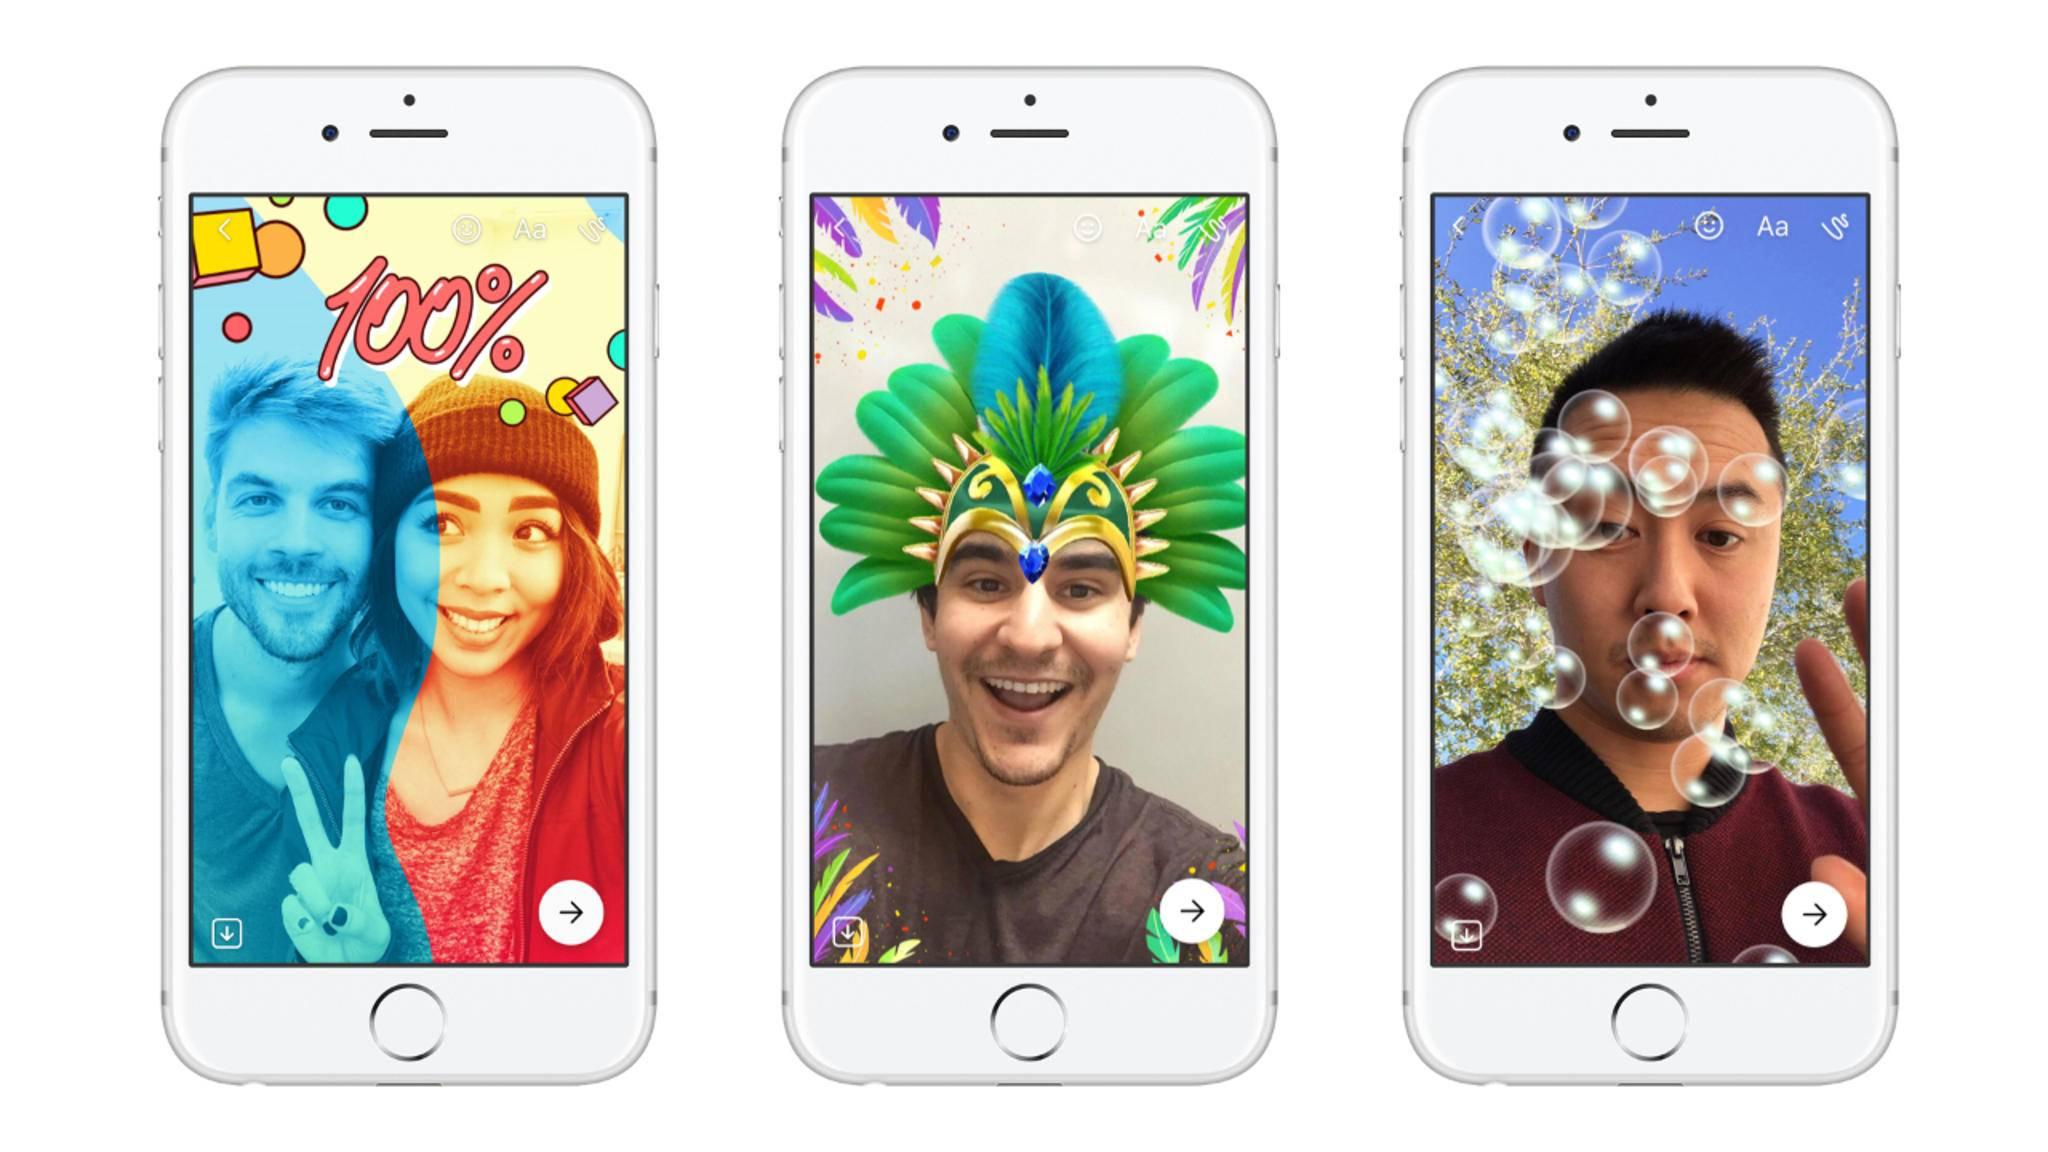 Der neue Day-Status im Facebook Messenger funktioniert so ähnlich wie bei Snapchat.